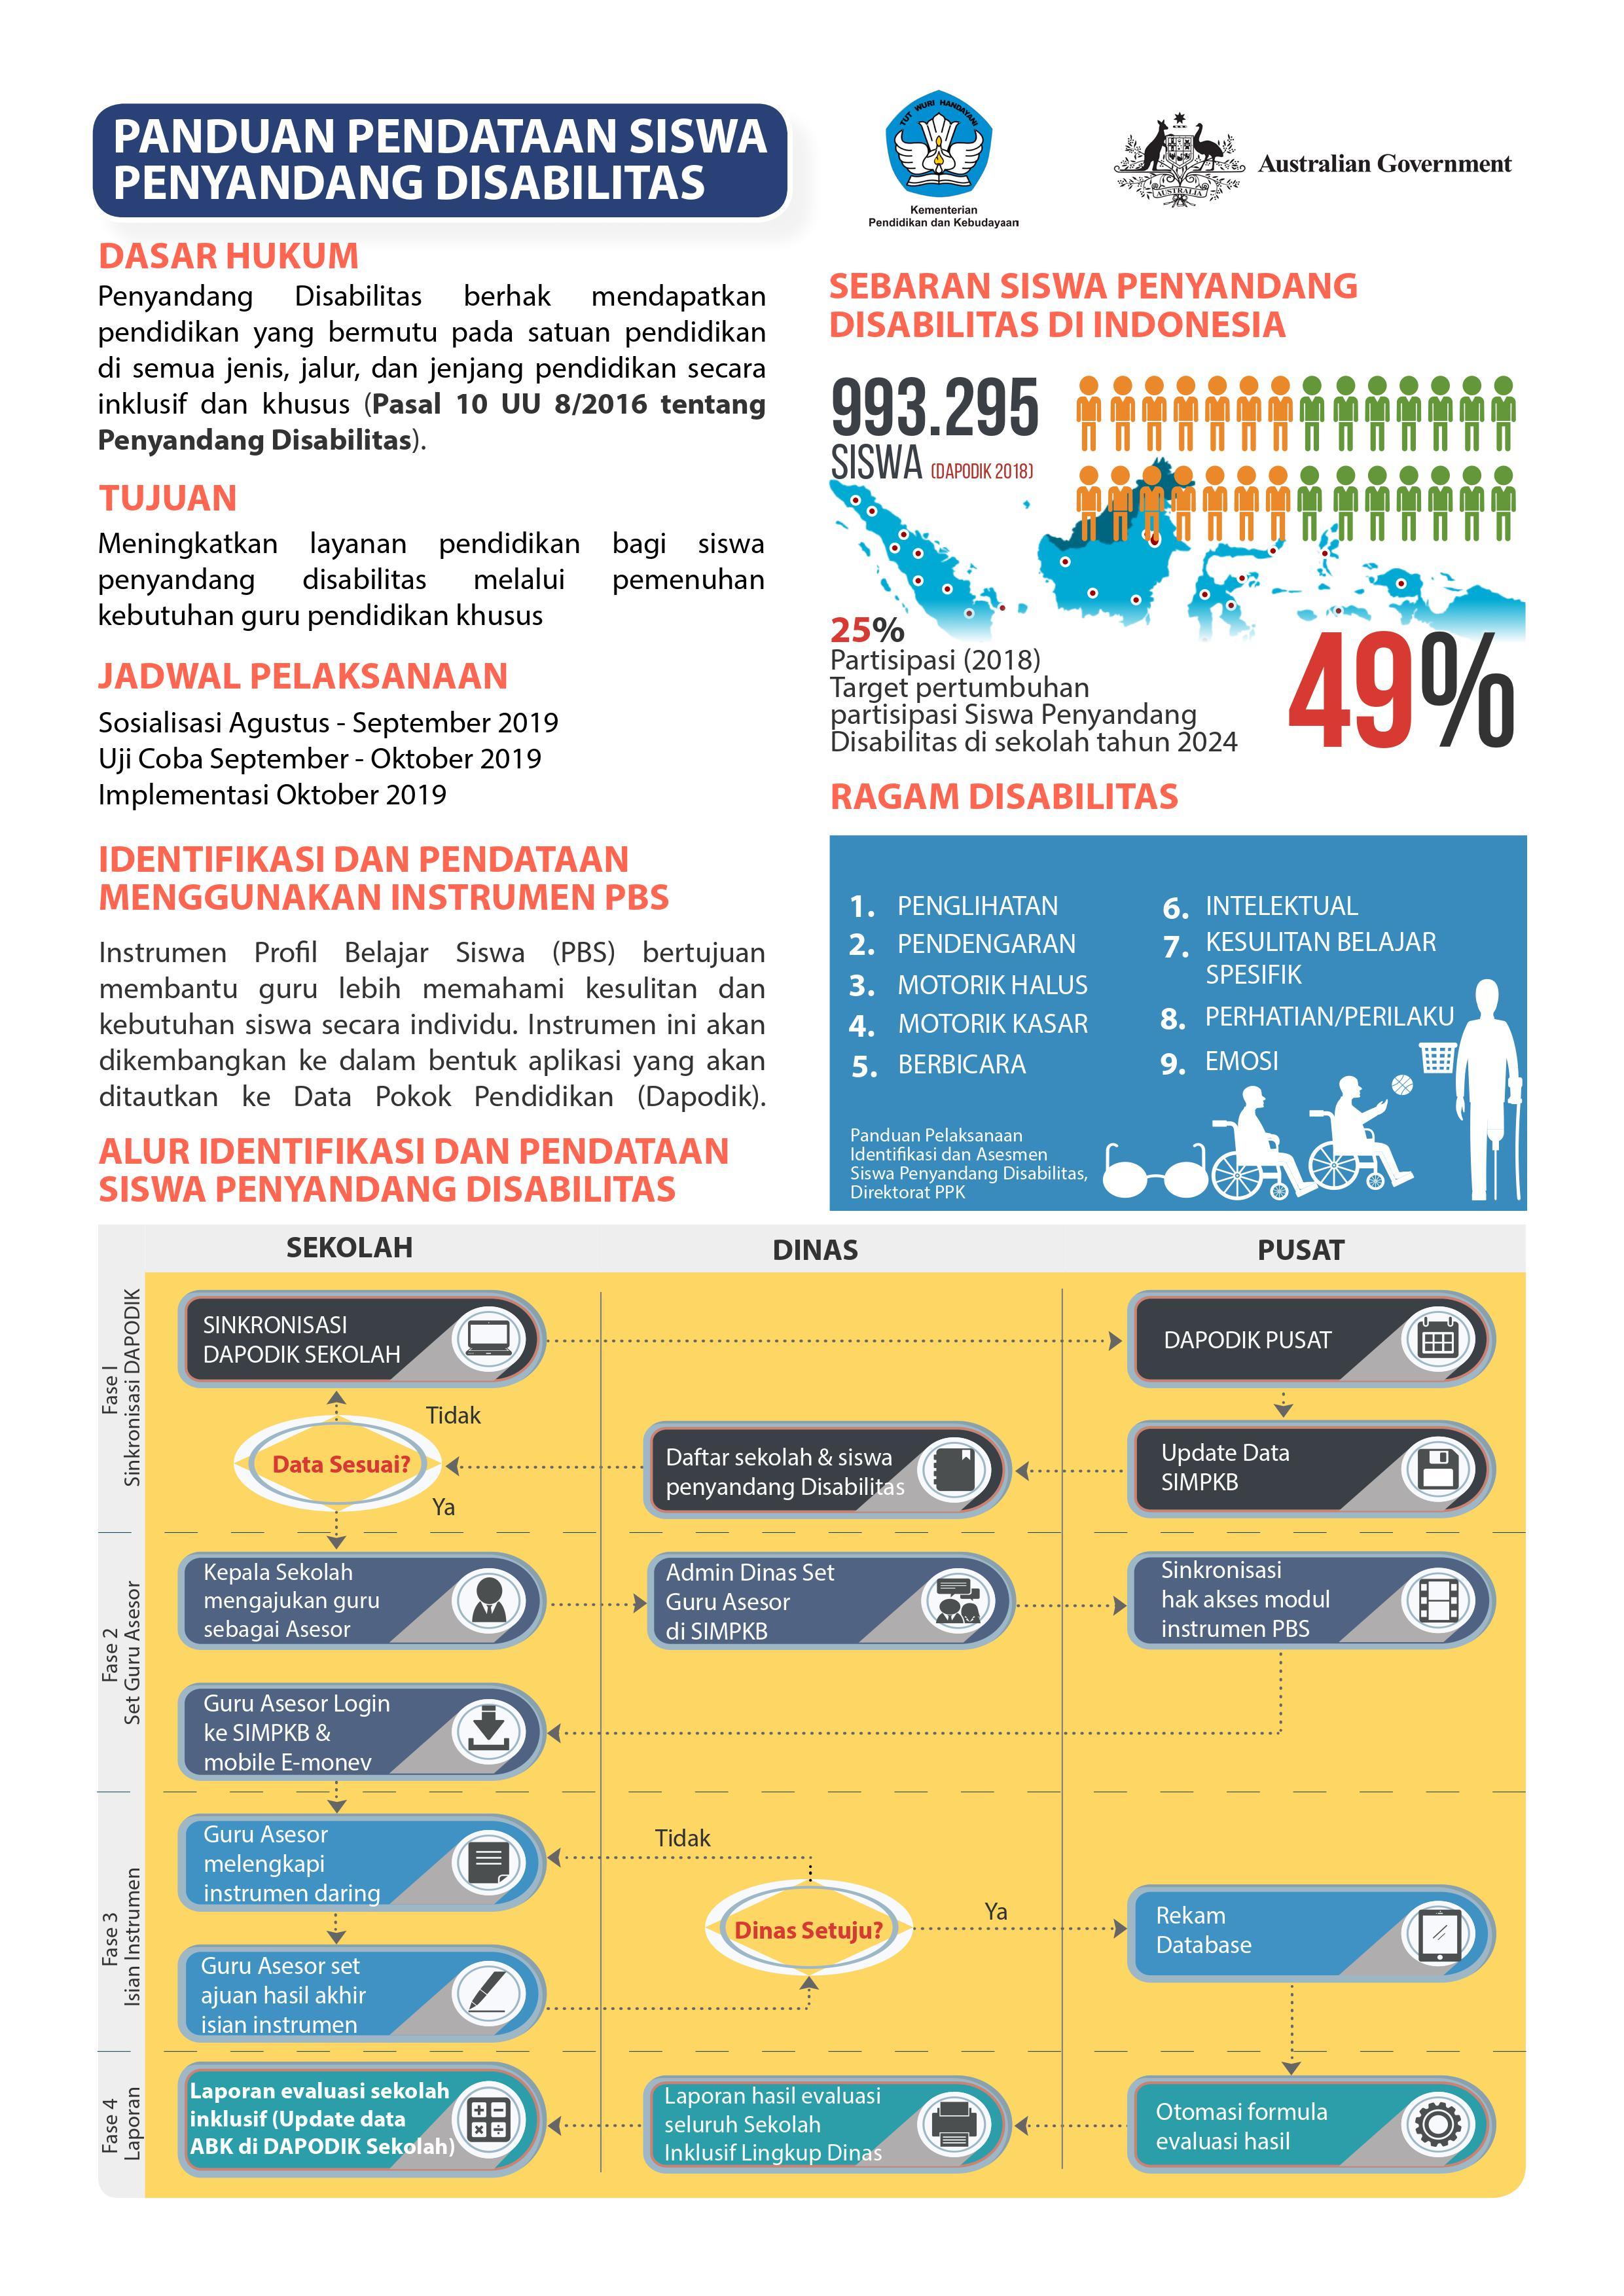 Infografis Panduan Pendataan Siswa Disabilitas